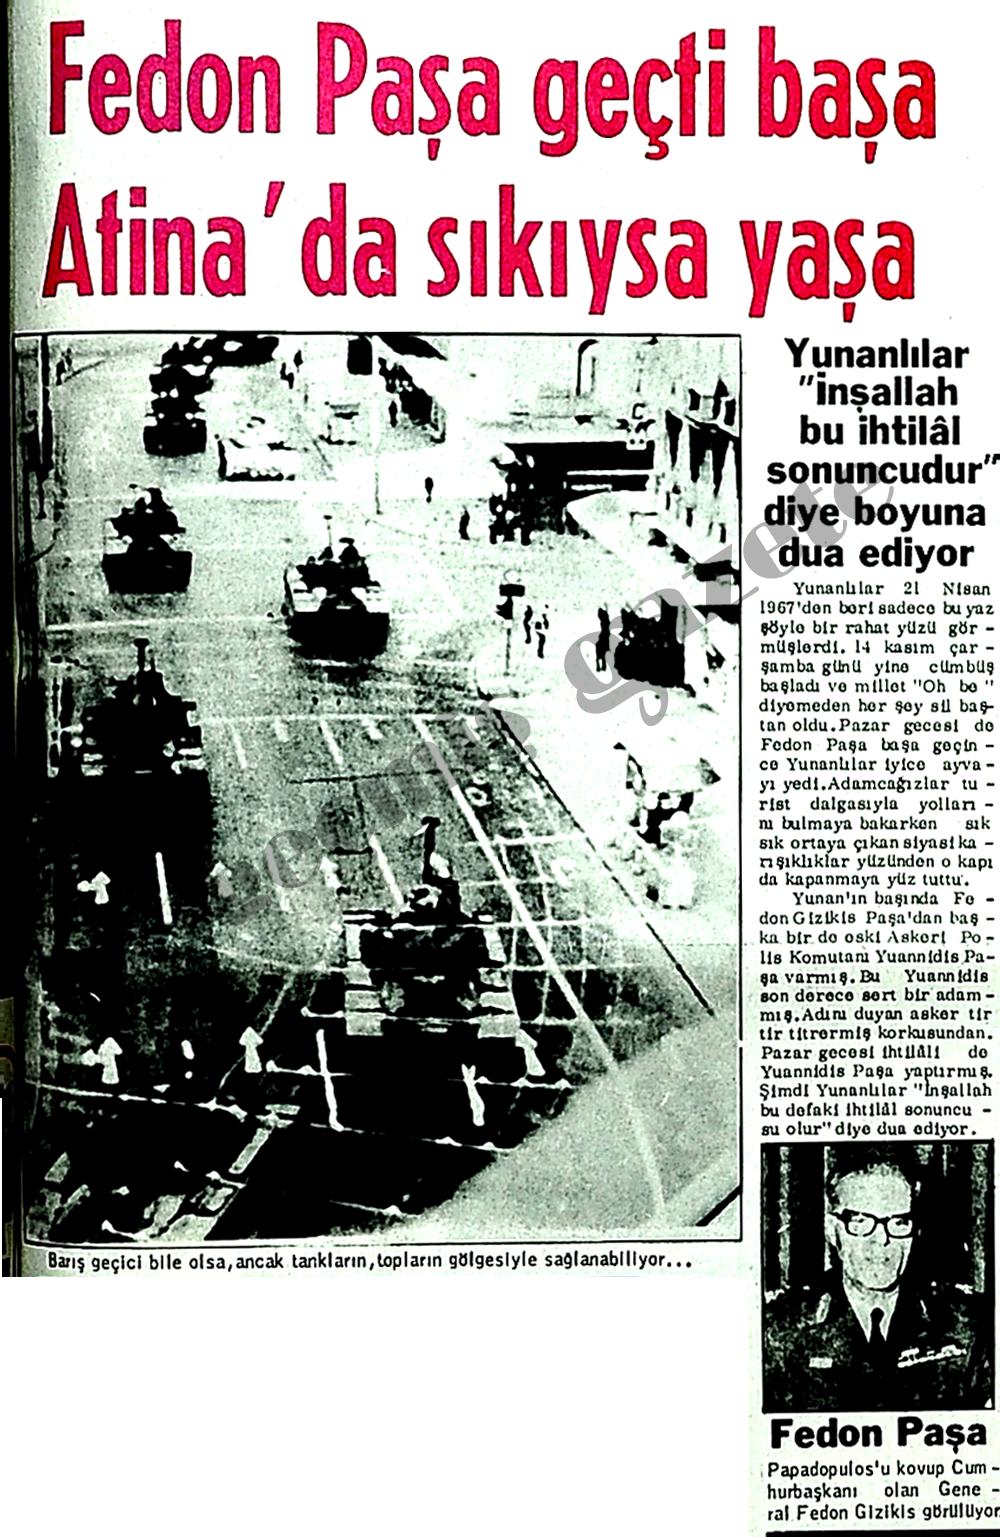 Fedon Paşa geçti başa Atina'da sıkıysa yaşa